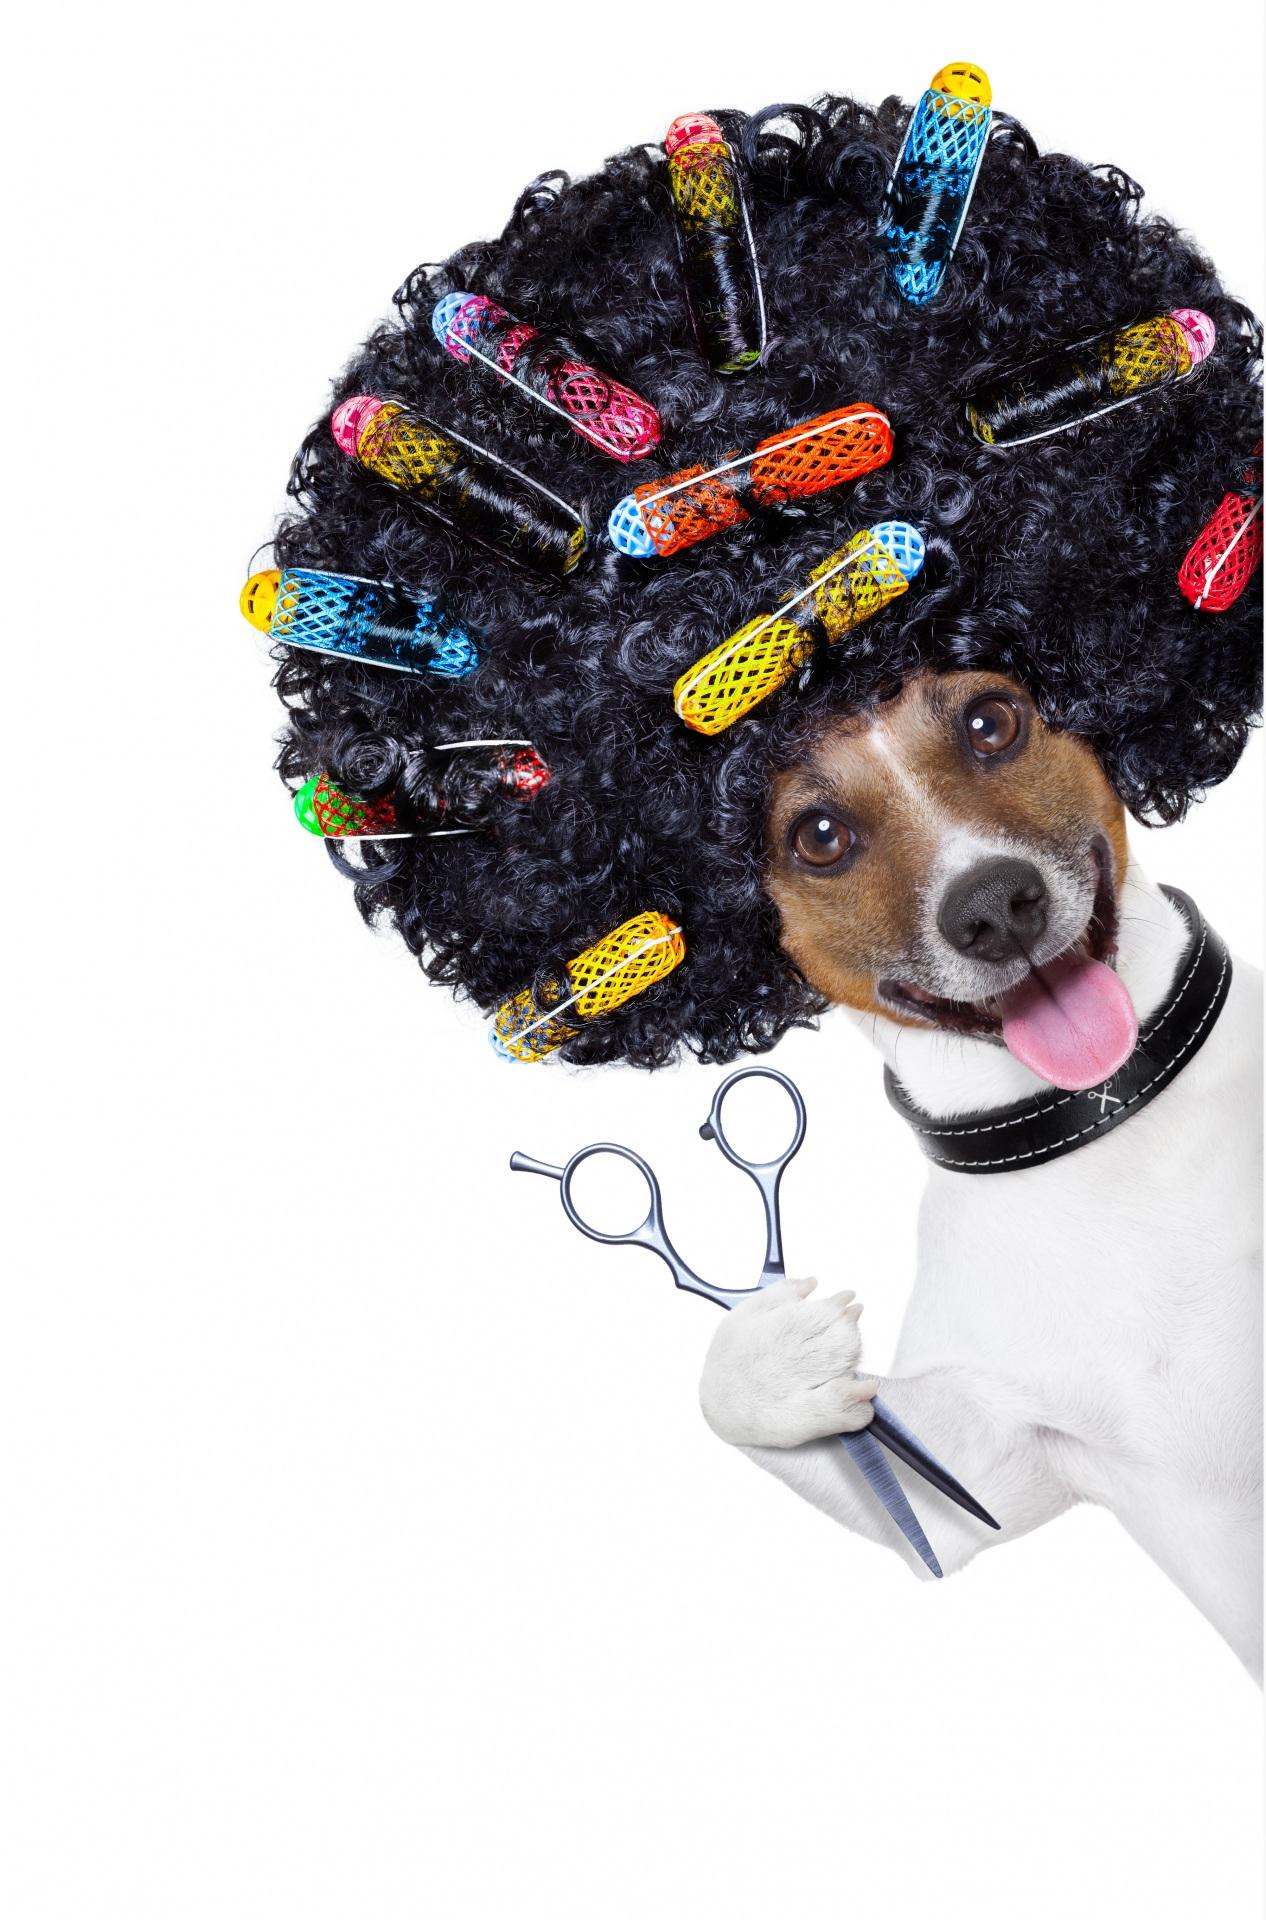 Обои для рабочего стола Причёска Белый фон Собаки Язык (анатомия) волос Джек-рассел-терьер кудри Смешные 1266x1920 для мобильного телефона прически белом фоне белым фоном собака языком Волосы смешной смешная забавные Кудрявые